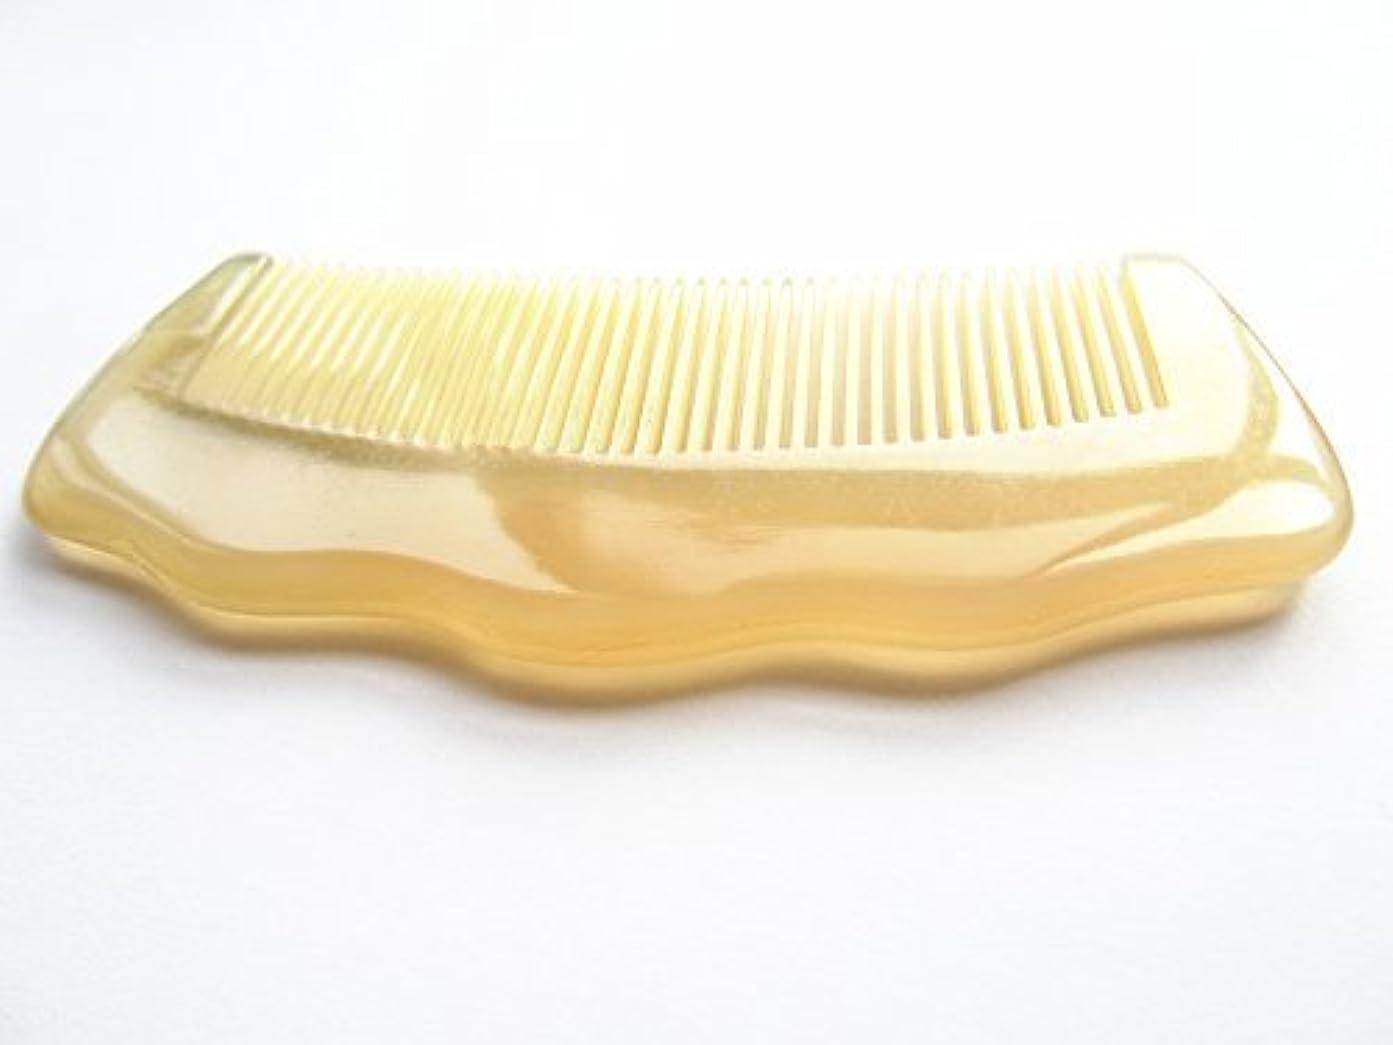 喜ぶ洗練びんMyhsmooth Sh-byg-nt 100% Handmade Premium Quality Natural Sheep Horn Comb Without Handle(4.8''Long) [並行輸入品]